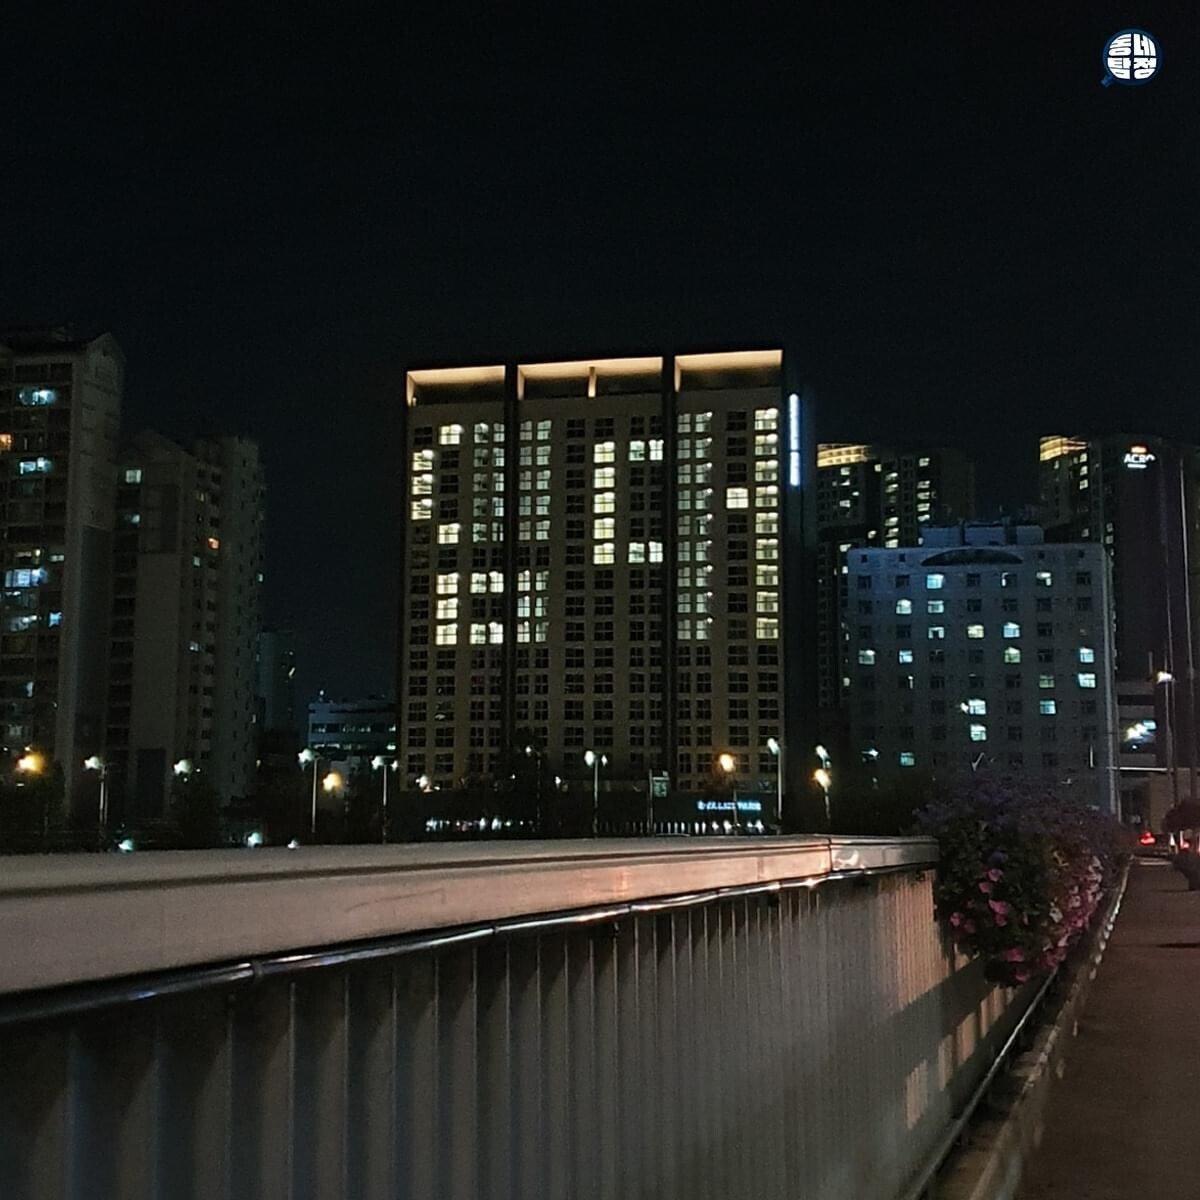 신세대 갓물주의 획기적인 분양 홍보 - 꾸르